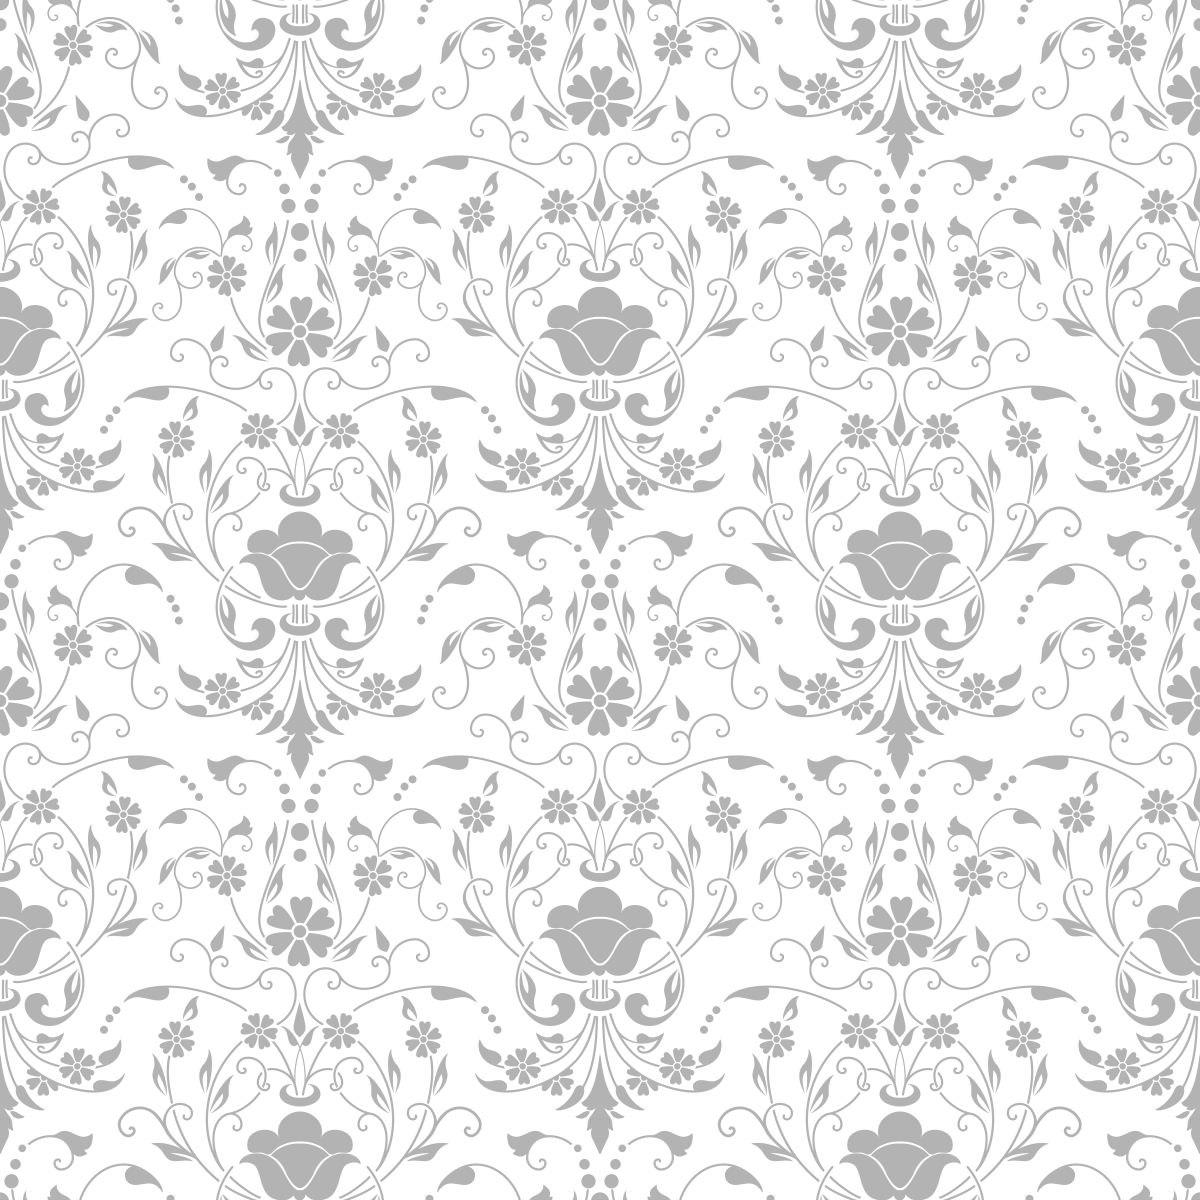 Papel De Parede Sala Floral Cinza Fundo Branco Adesivo R 69 00 Em  -> Papel De Parede Sala Floral